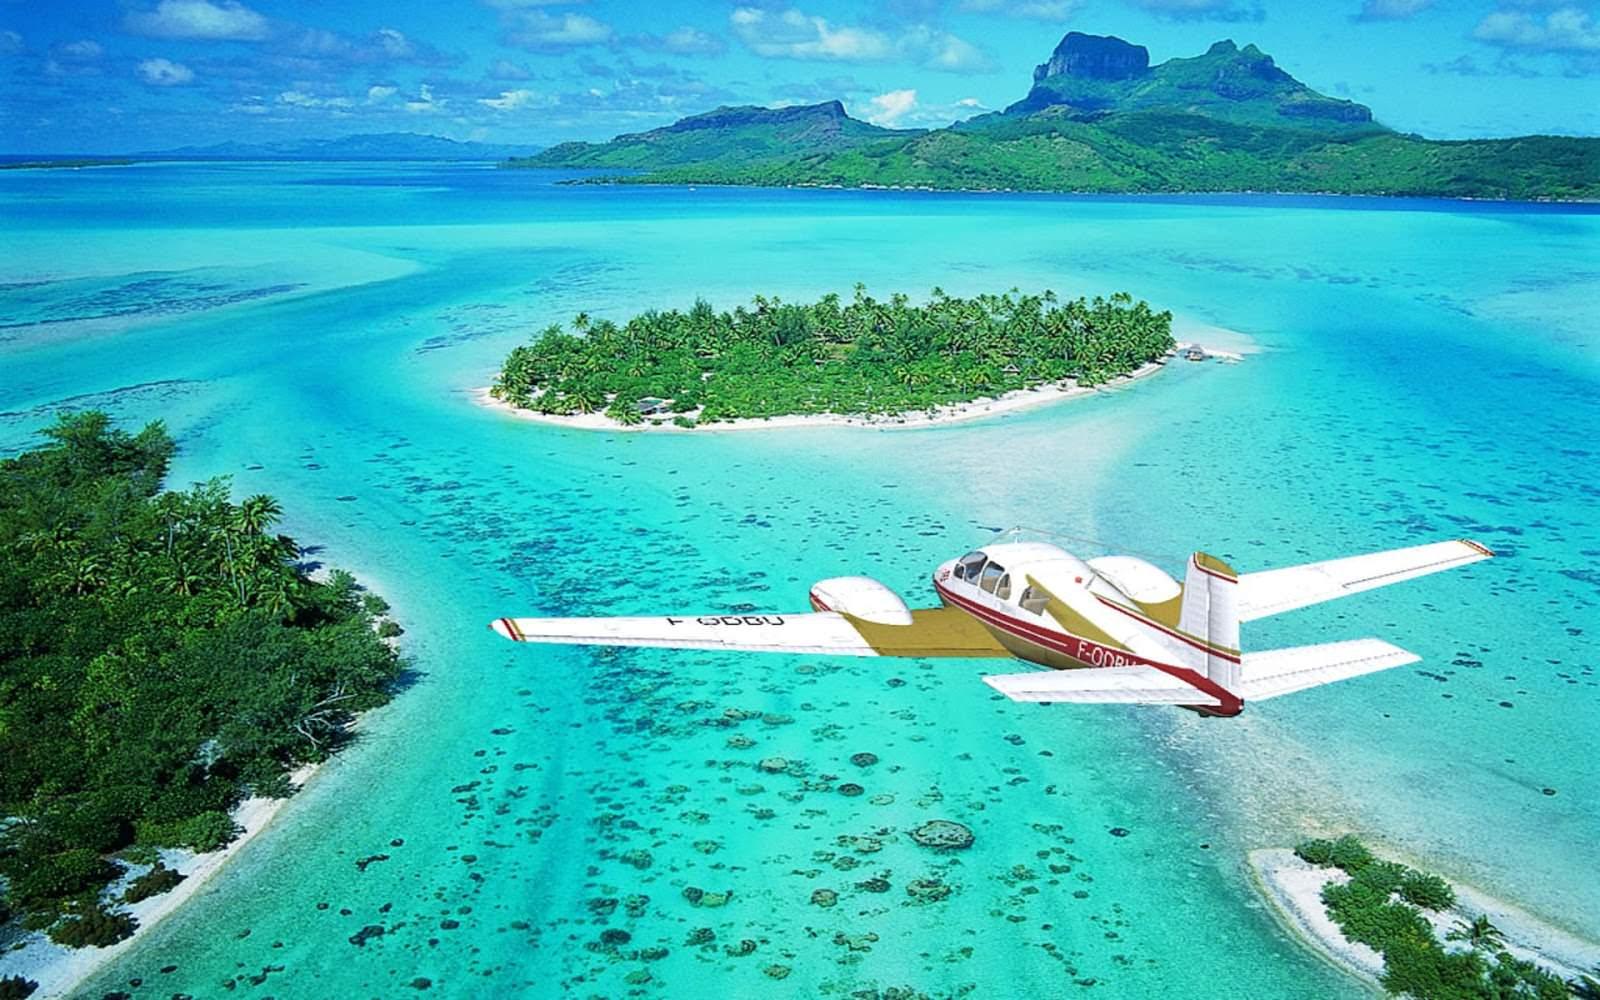 bora bora el atol n m s bello del planeta la reserva On donde esta bora bora maldivas